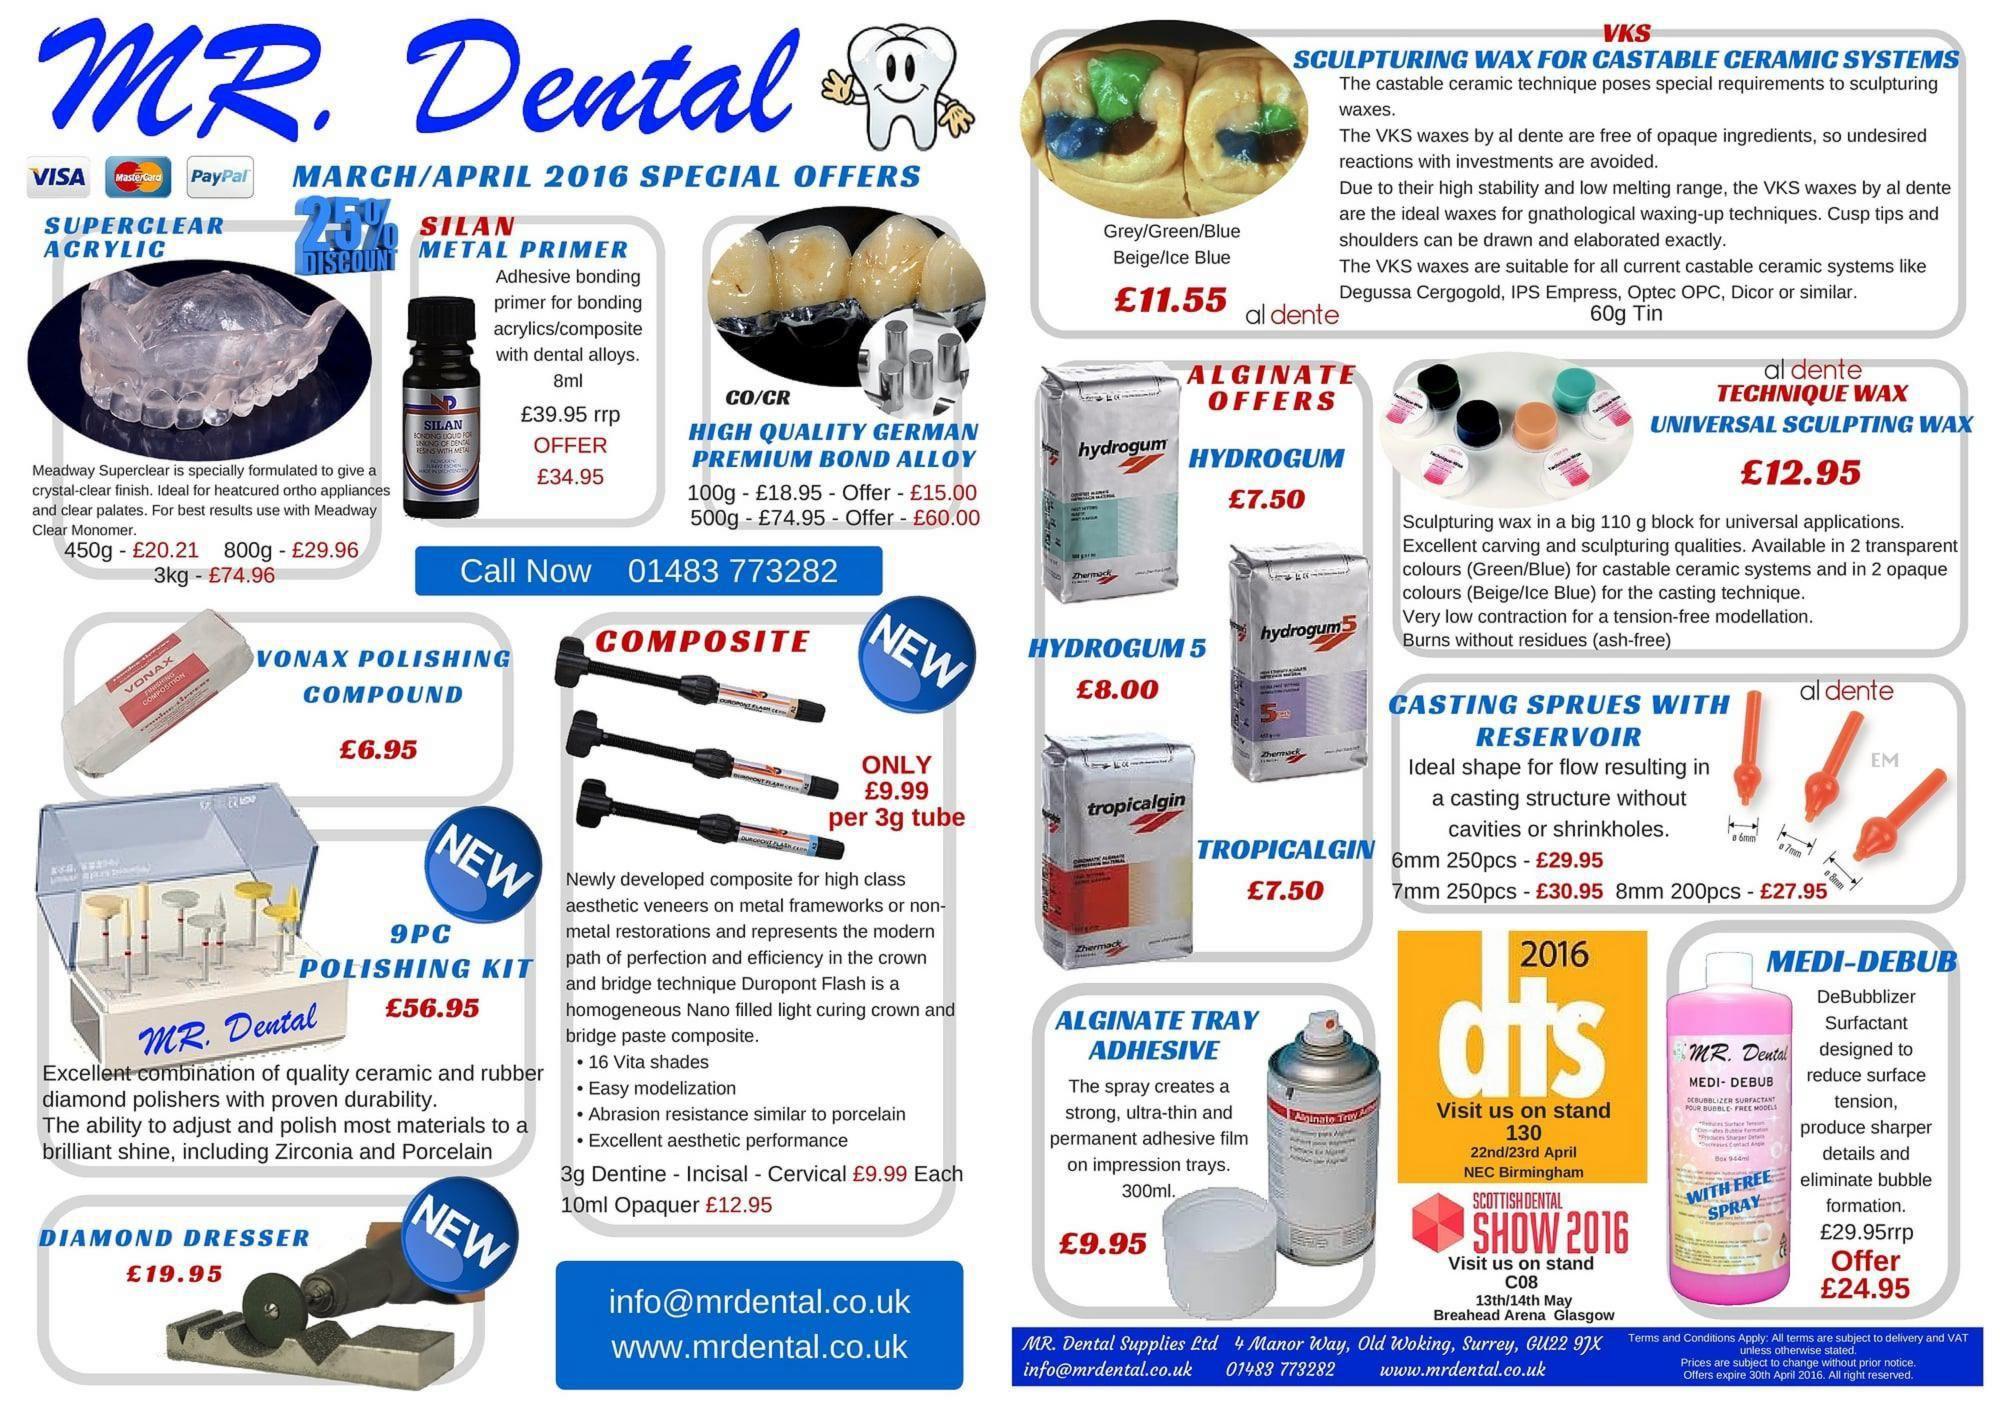 MR Dental DTS Press Release